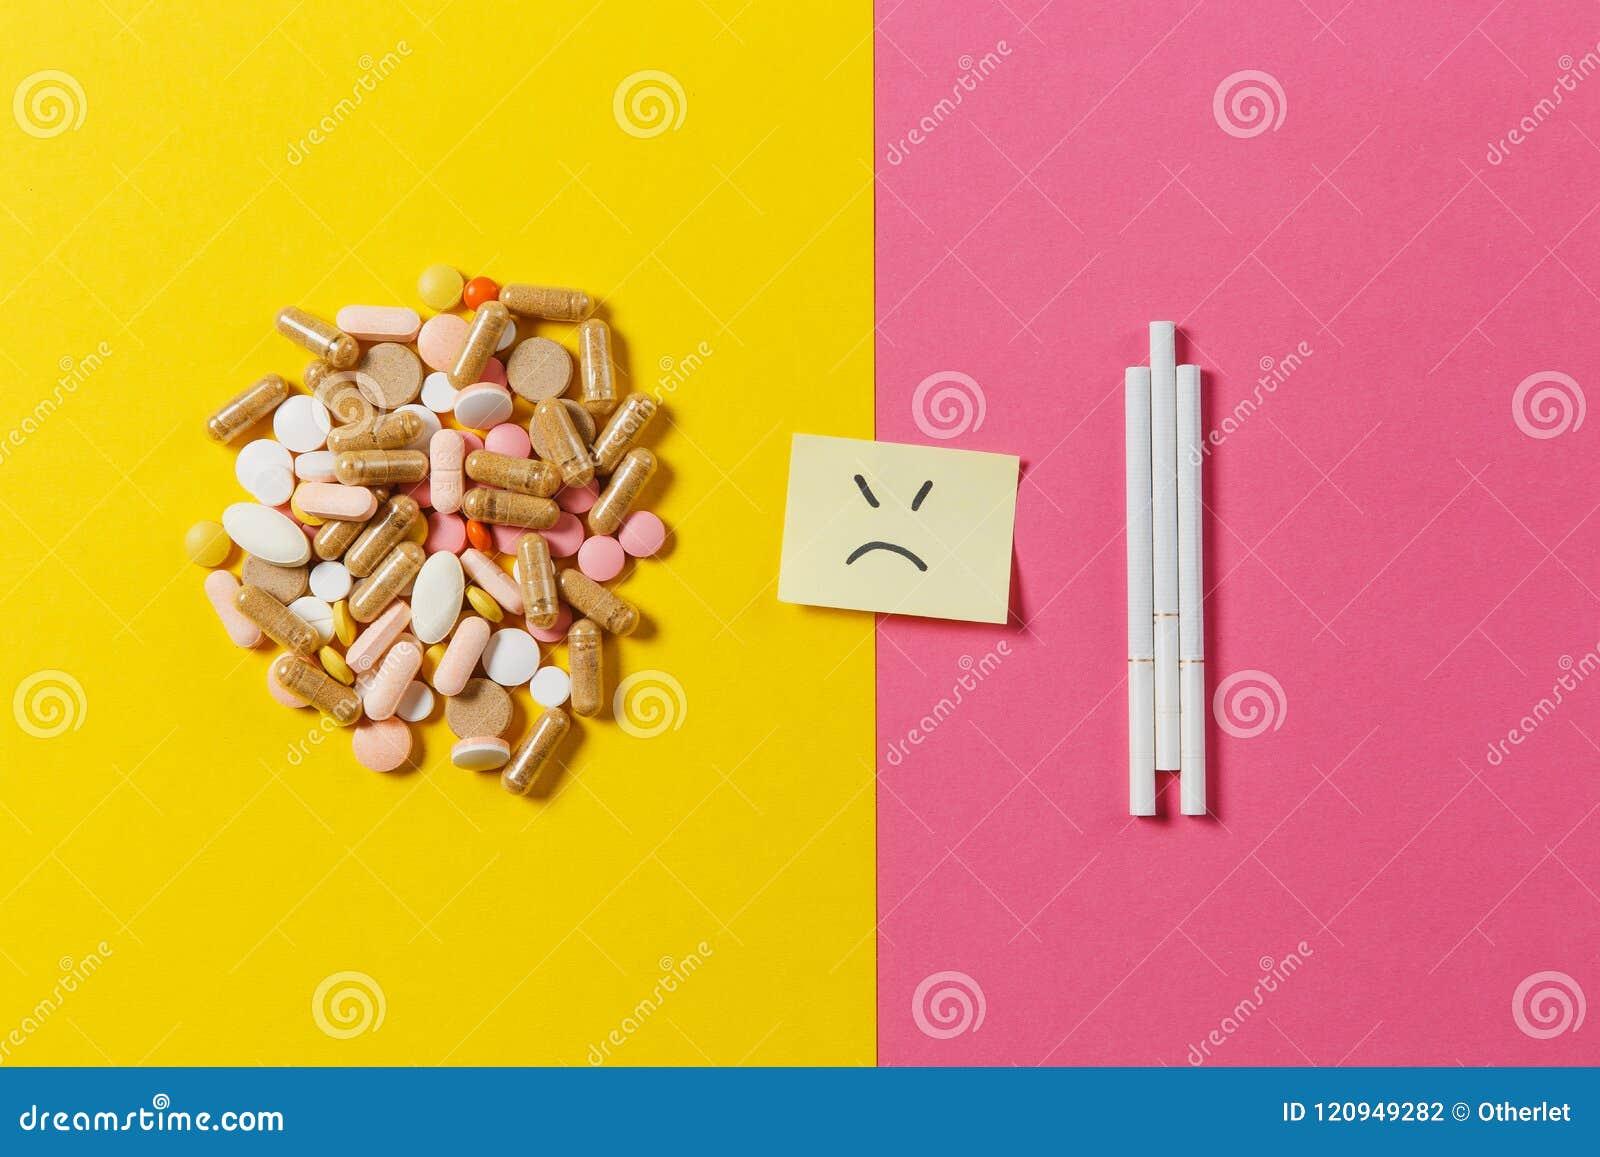 Таблетки лекарства на предпосылке цвета Концепция здоровья, обработки, выбора, здорового образа жизни